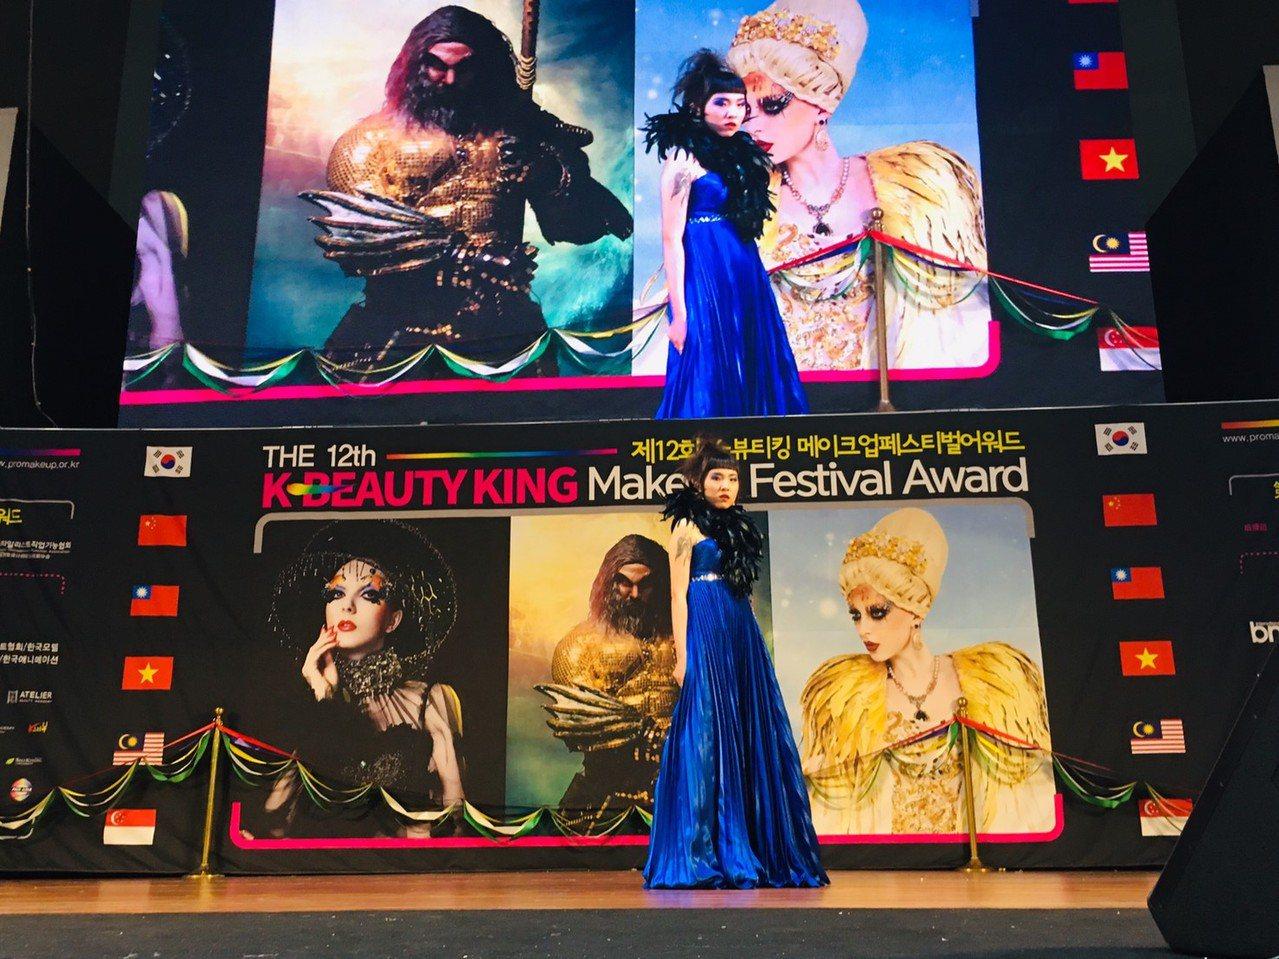 榮獲第一名的「藝術新娘彩妝現場組」上台展示。圖/校方提供